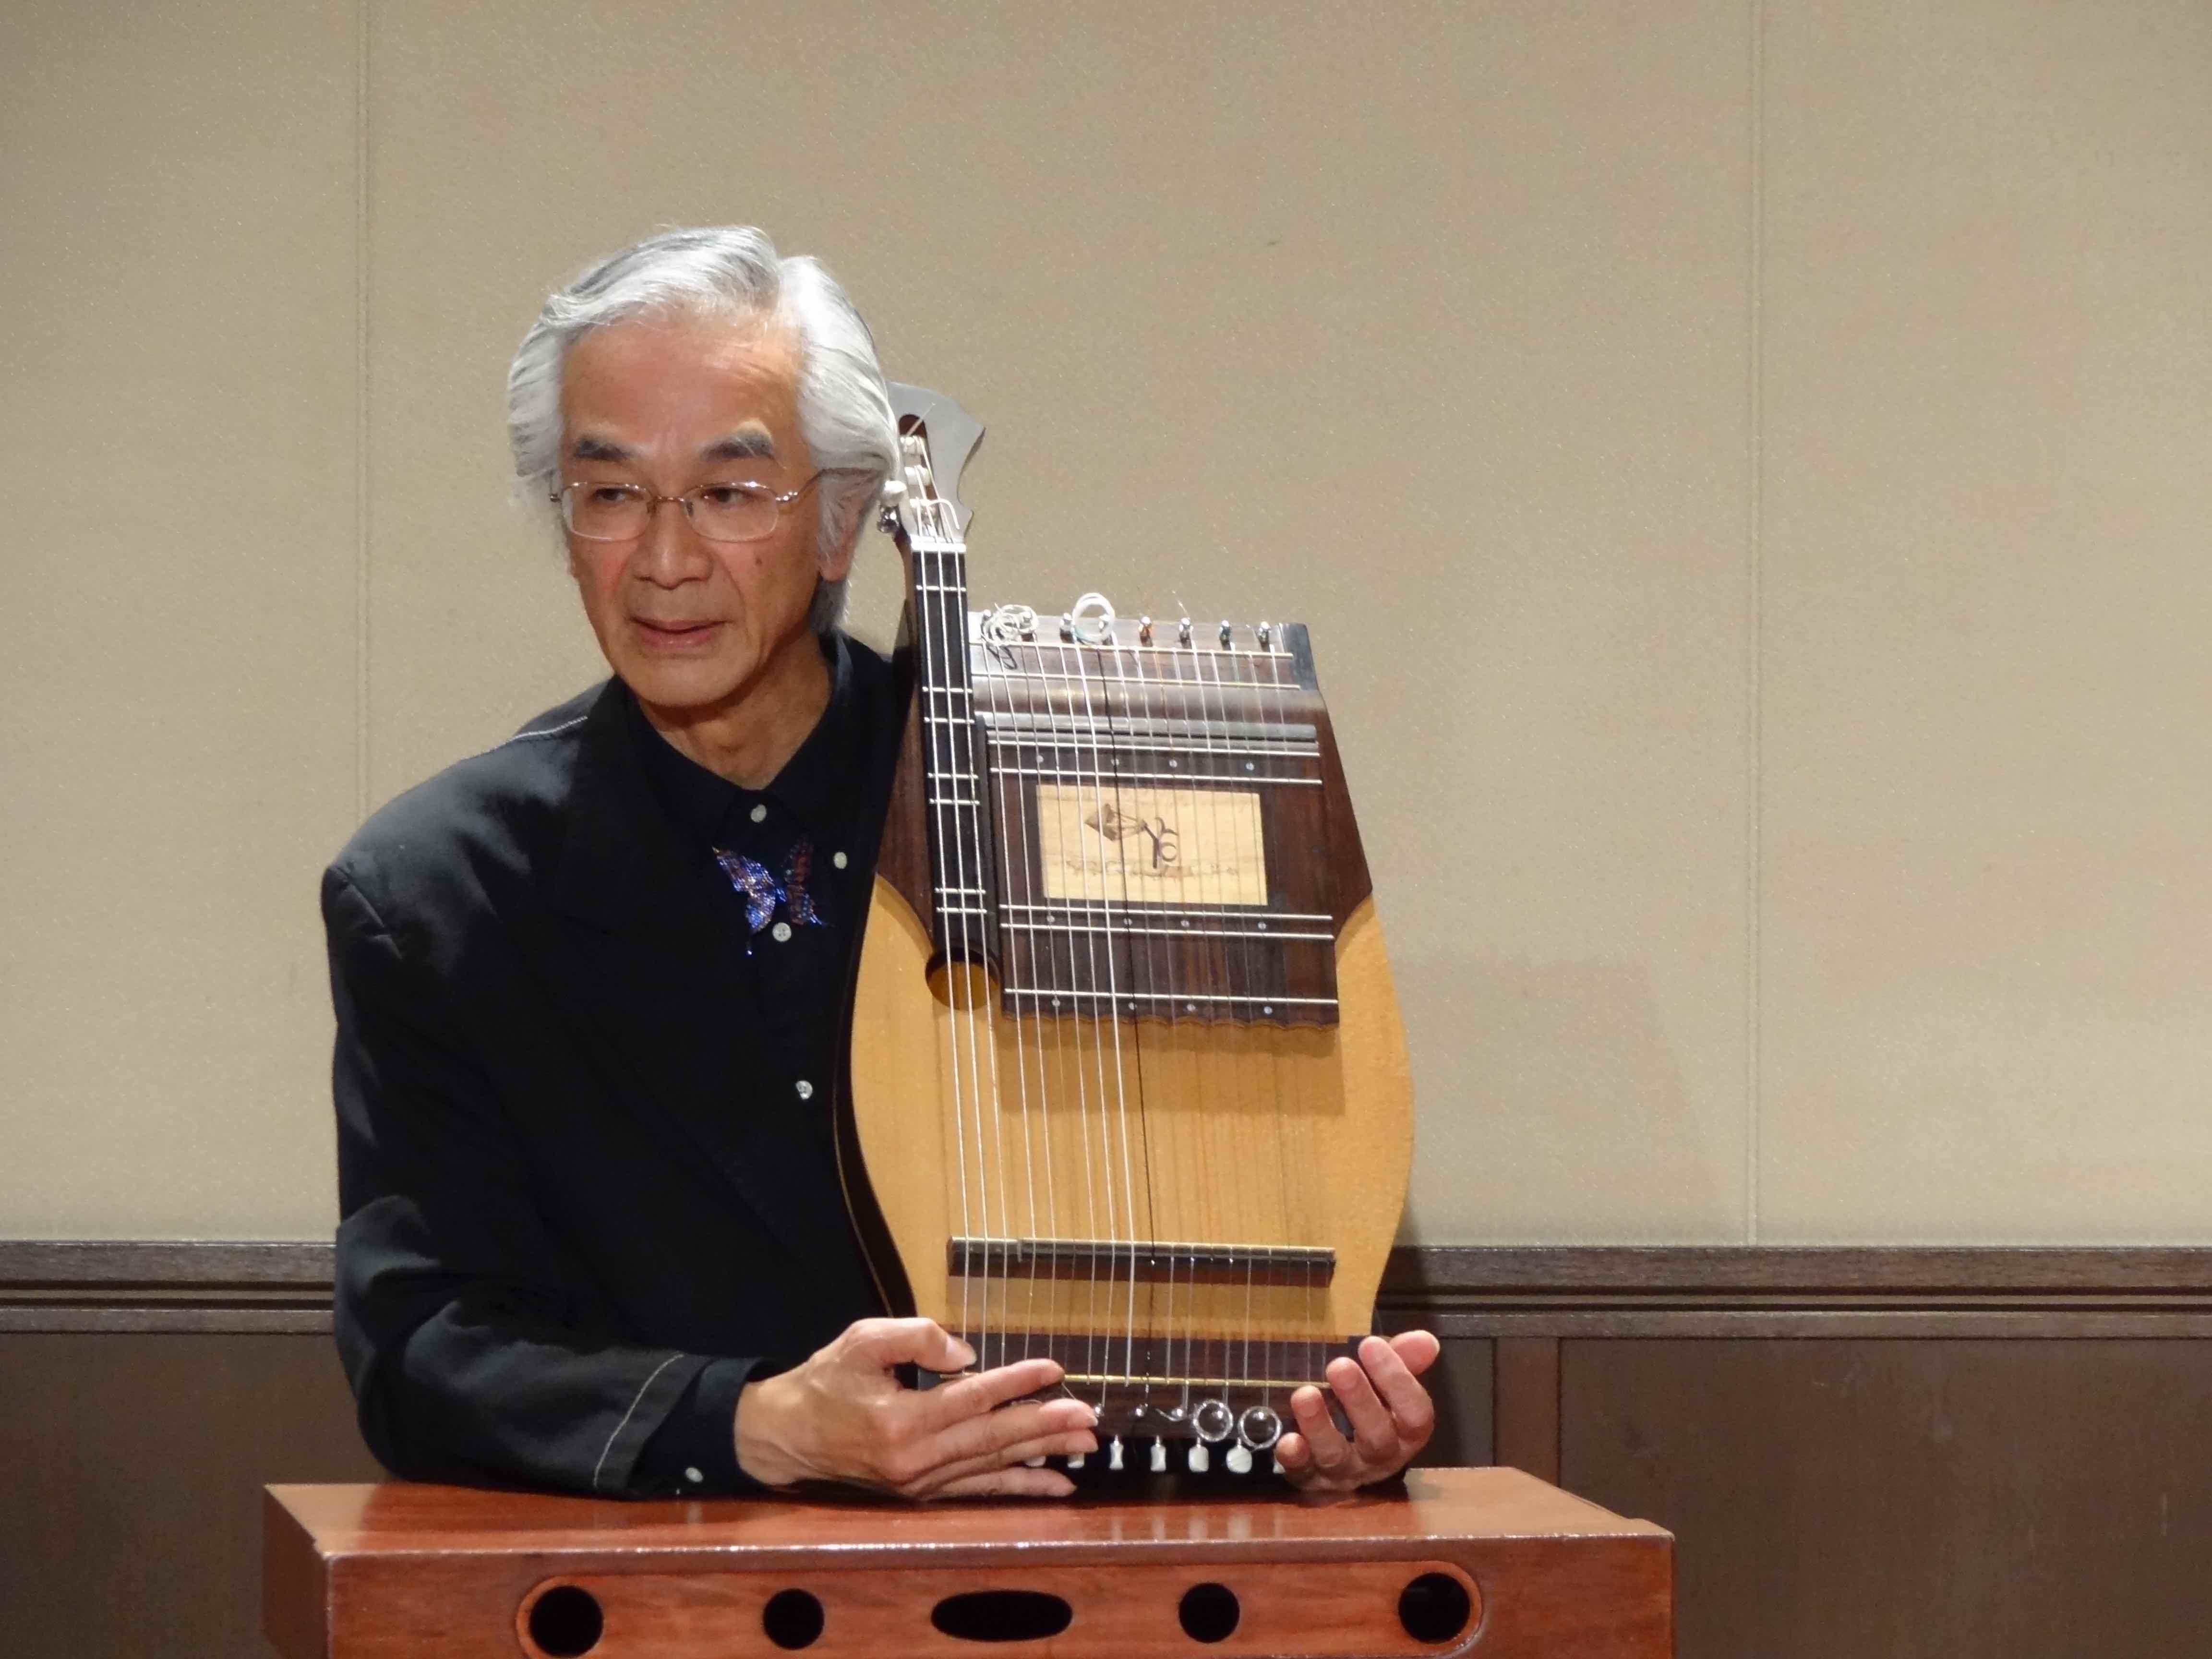 吉川二郎のギタルパ個人レッスン45分【門下生専用】のイメージその2